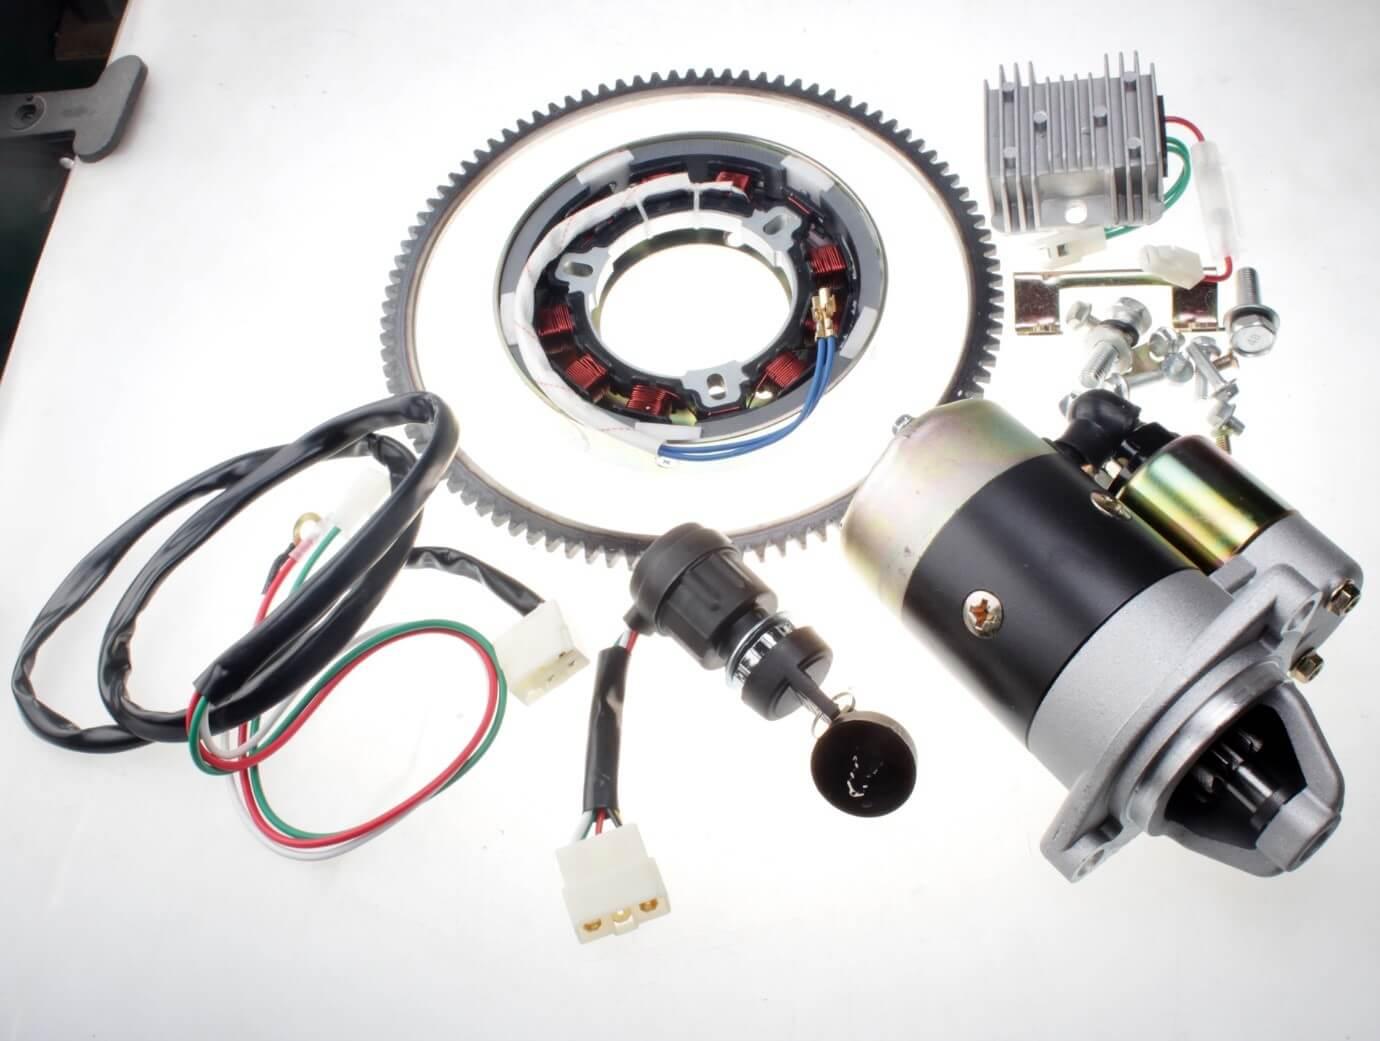 بخشی از اجزای تشکیلدهنده یک موتور برقی پرتابل